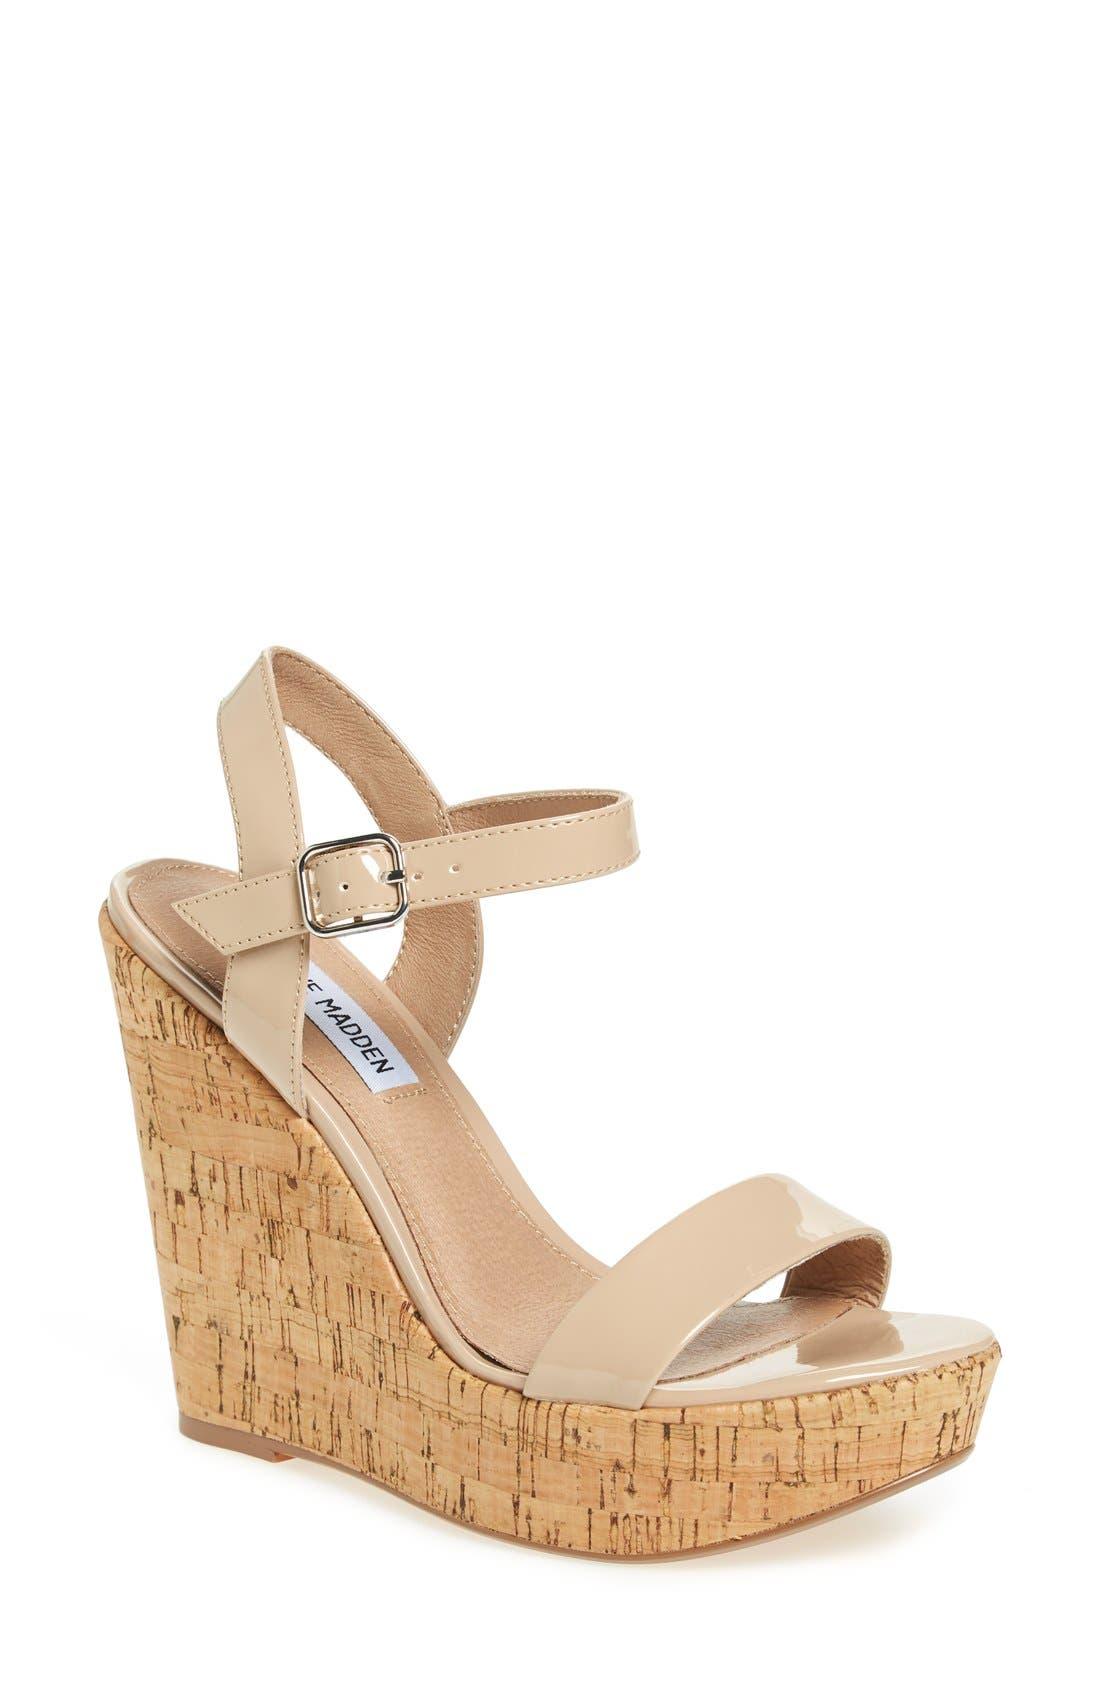 Main Image - Steve Madden 'Ellina' Wedge Sandal (Women)